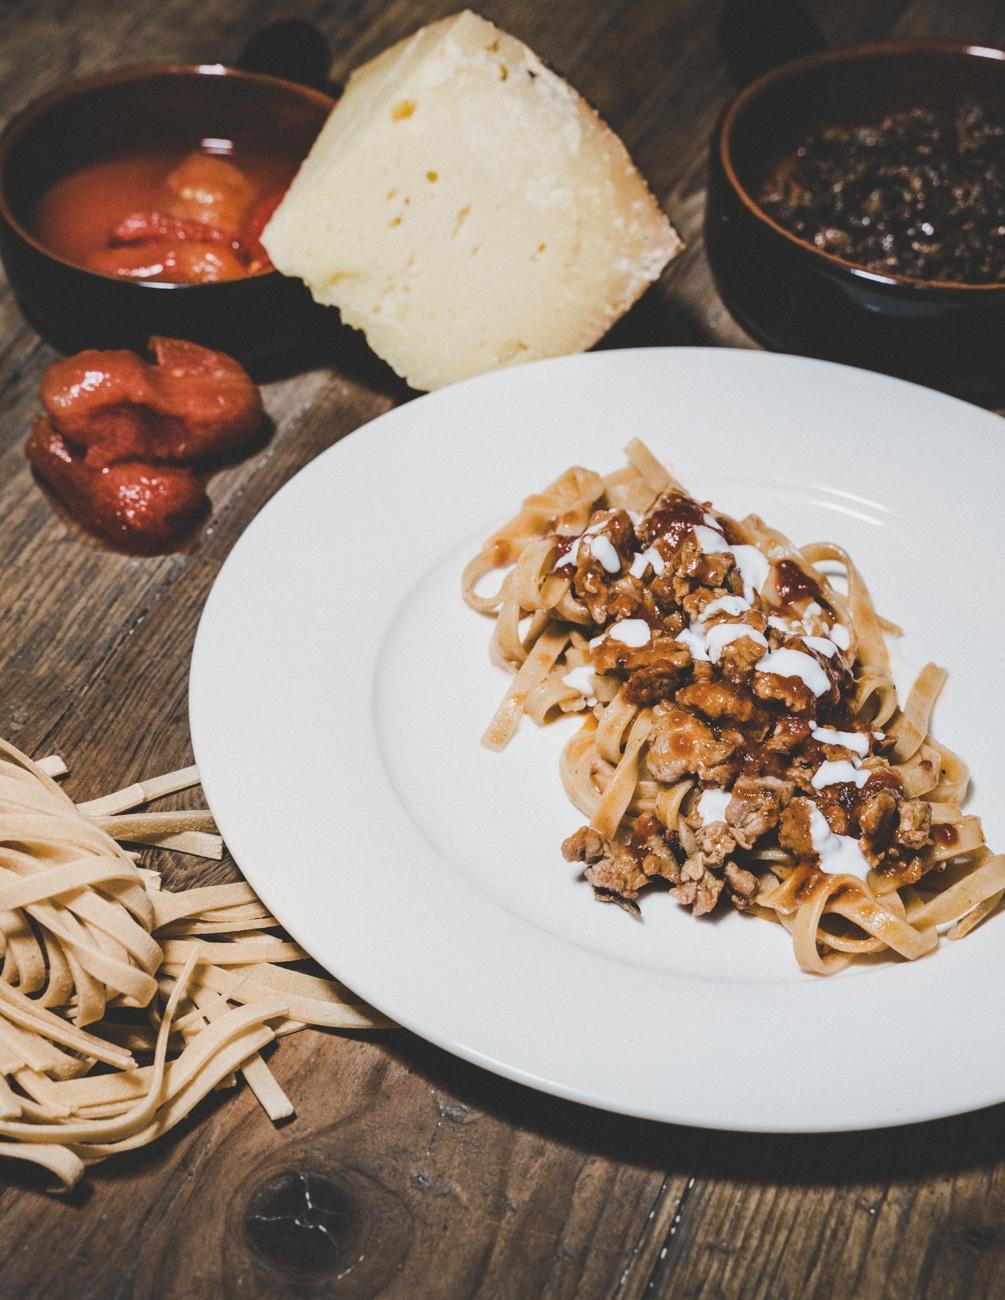 Tagliatella di pasta fresca alla Campidanese - IMPASTO Cagliari